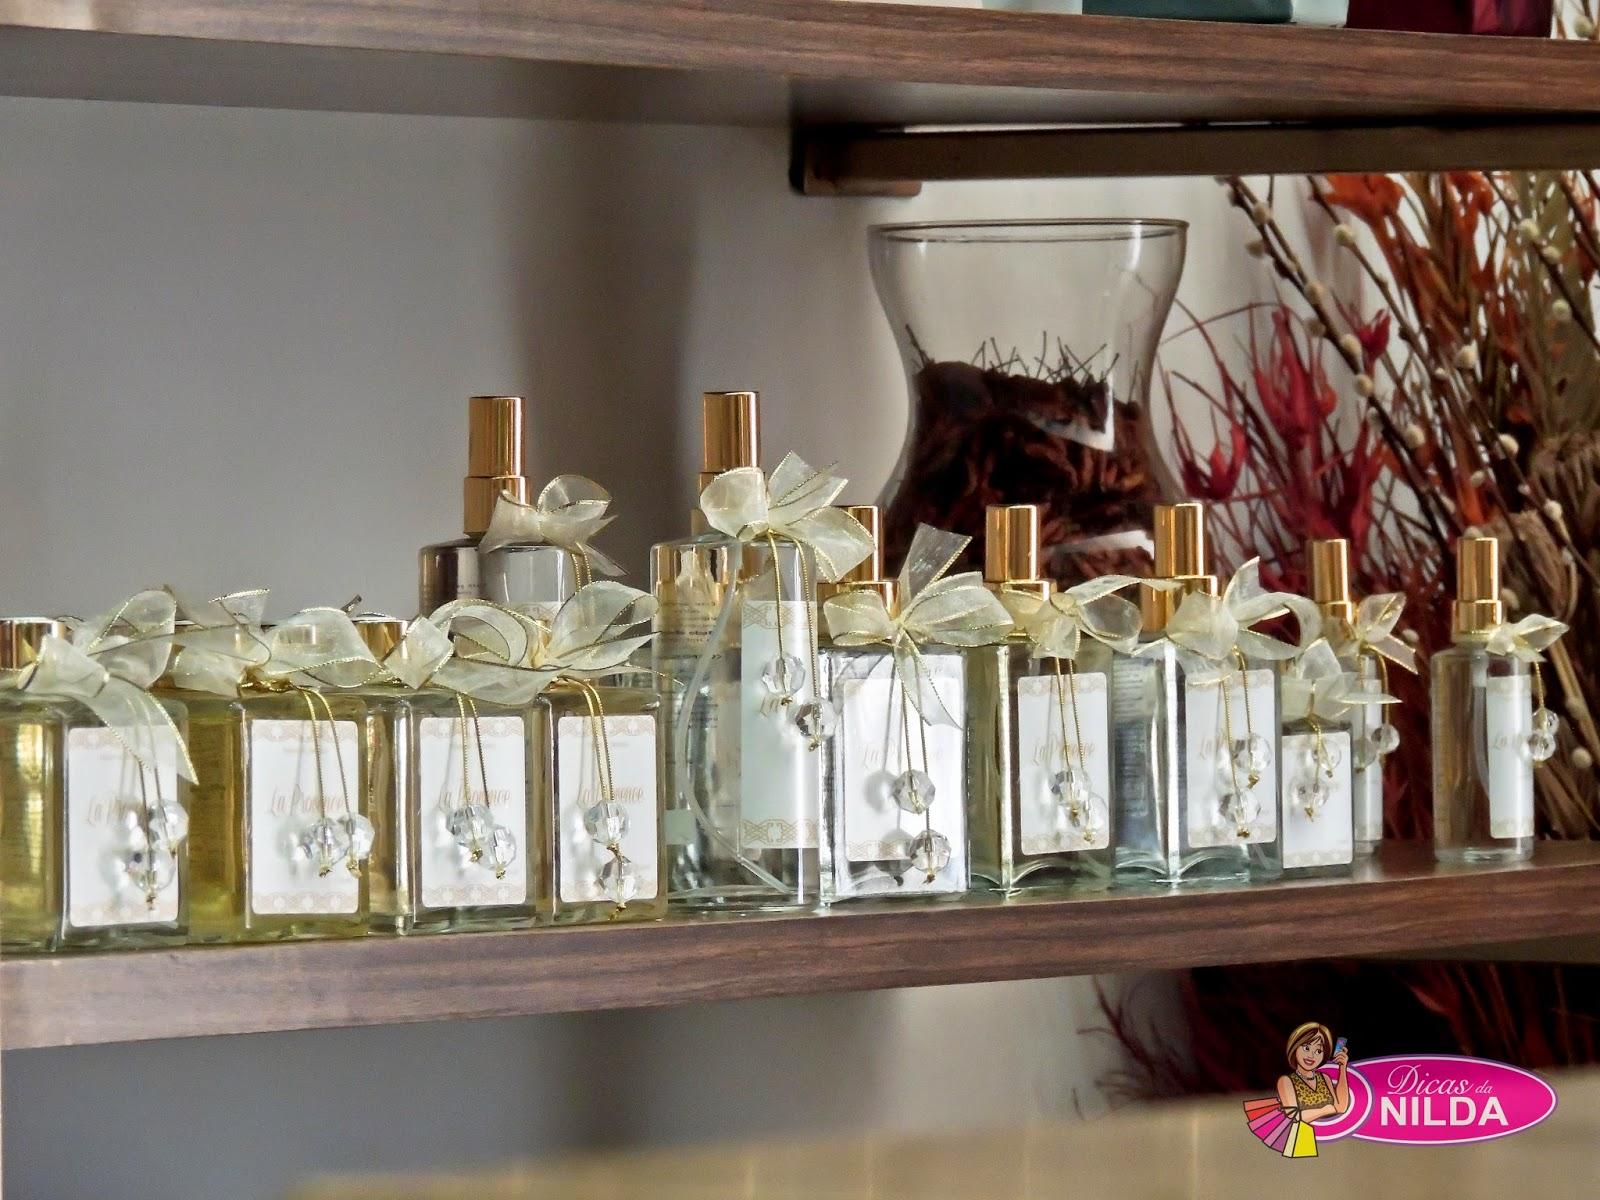 Dicas da Nilda DECORA u00c7ÃO Loja La Provence Aromas e Cosméticos -> Decoração De Loja Pequena De Cosmeticos